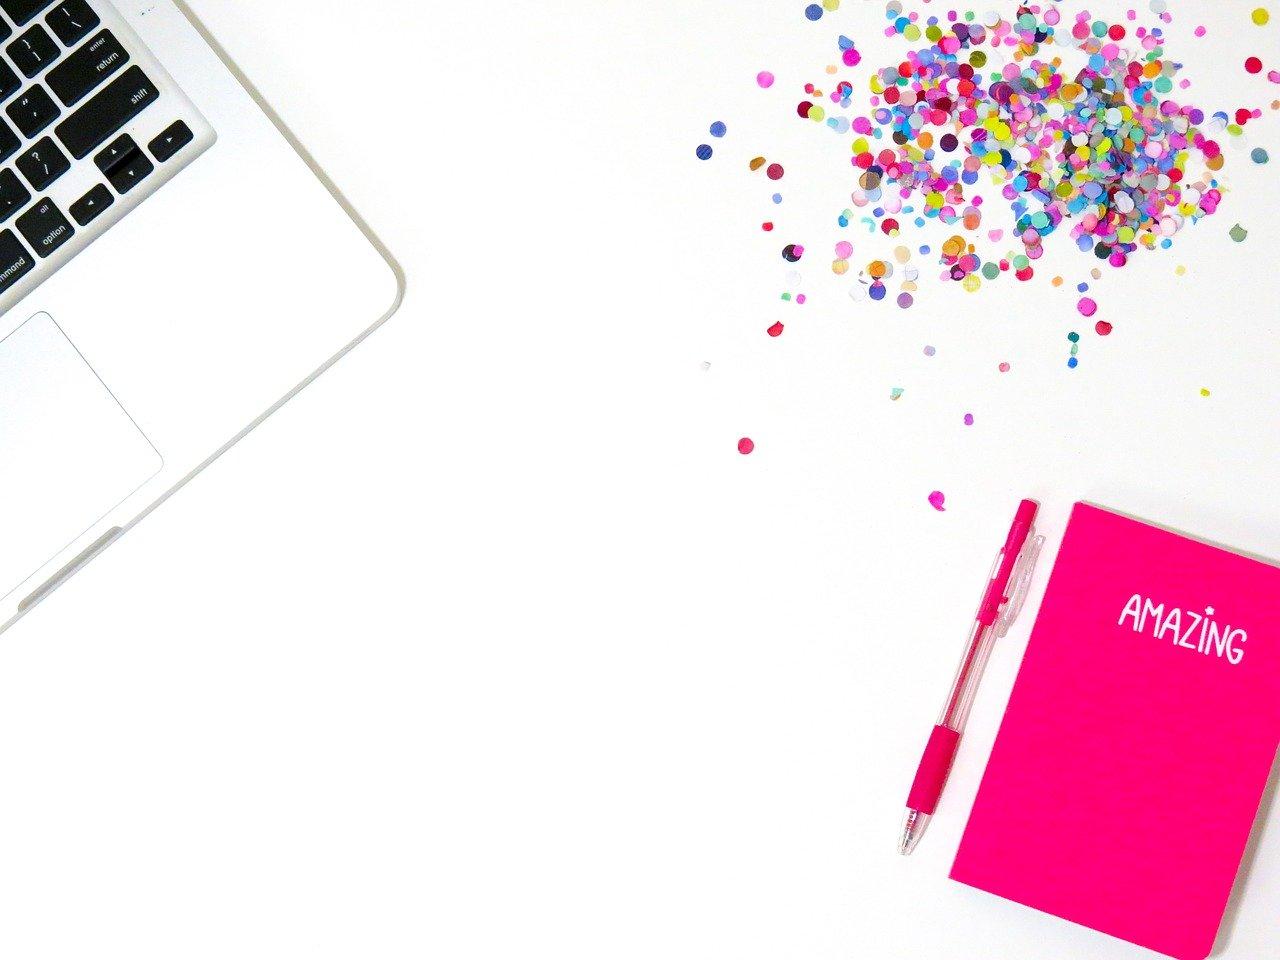 Miten minusta tuli bloggaaja?